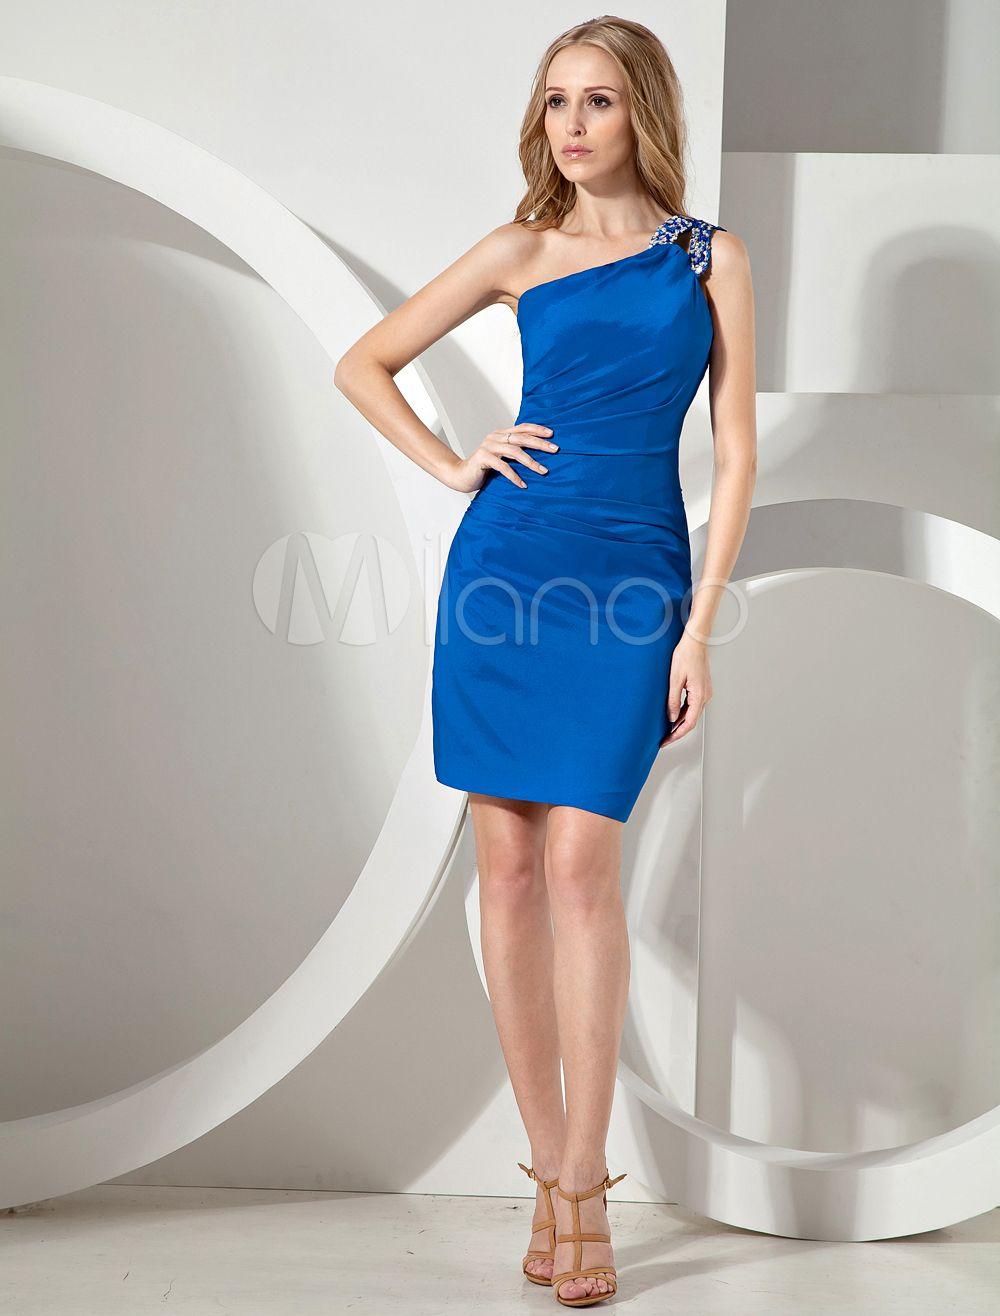 b0445dc20f86 Vestido para cóctel de color azul real de satén elástico con un solo ...